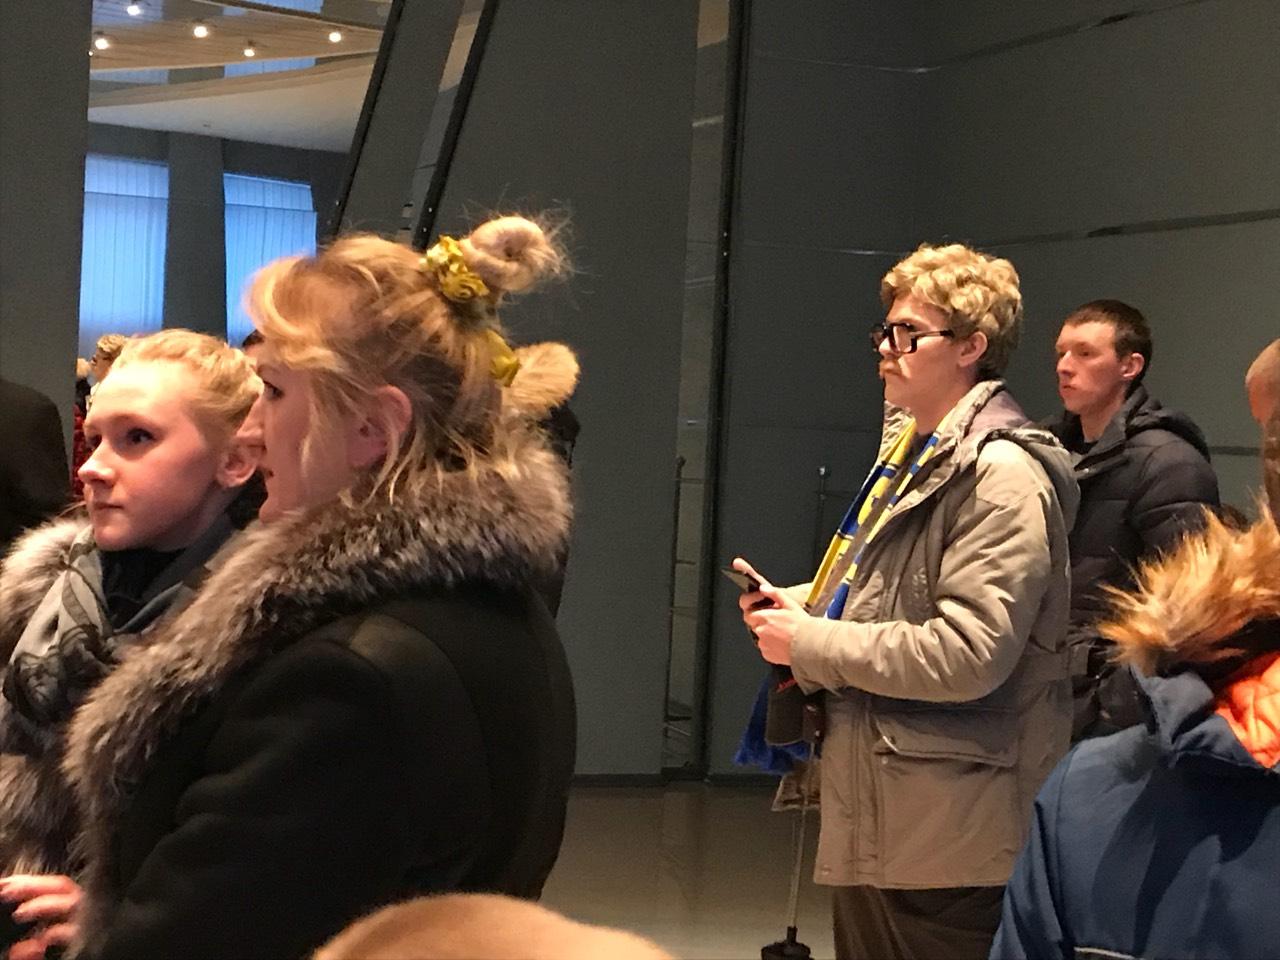 Un journaliste interdit par le BATE se déguise pour assister à une rencontre publique